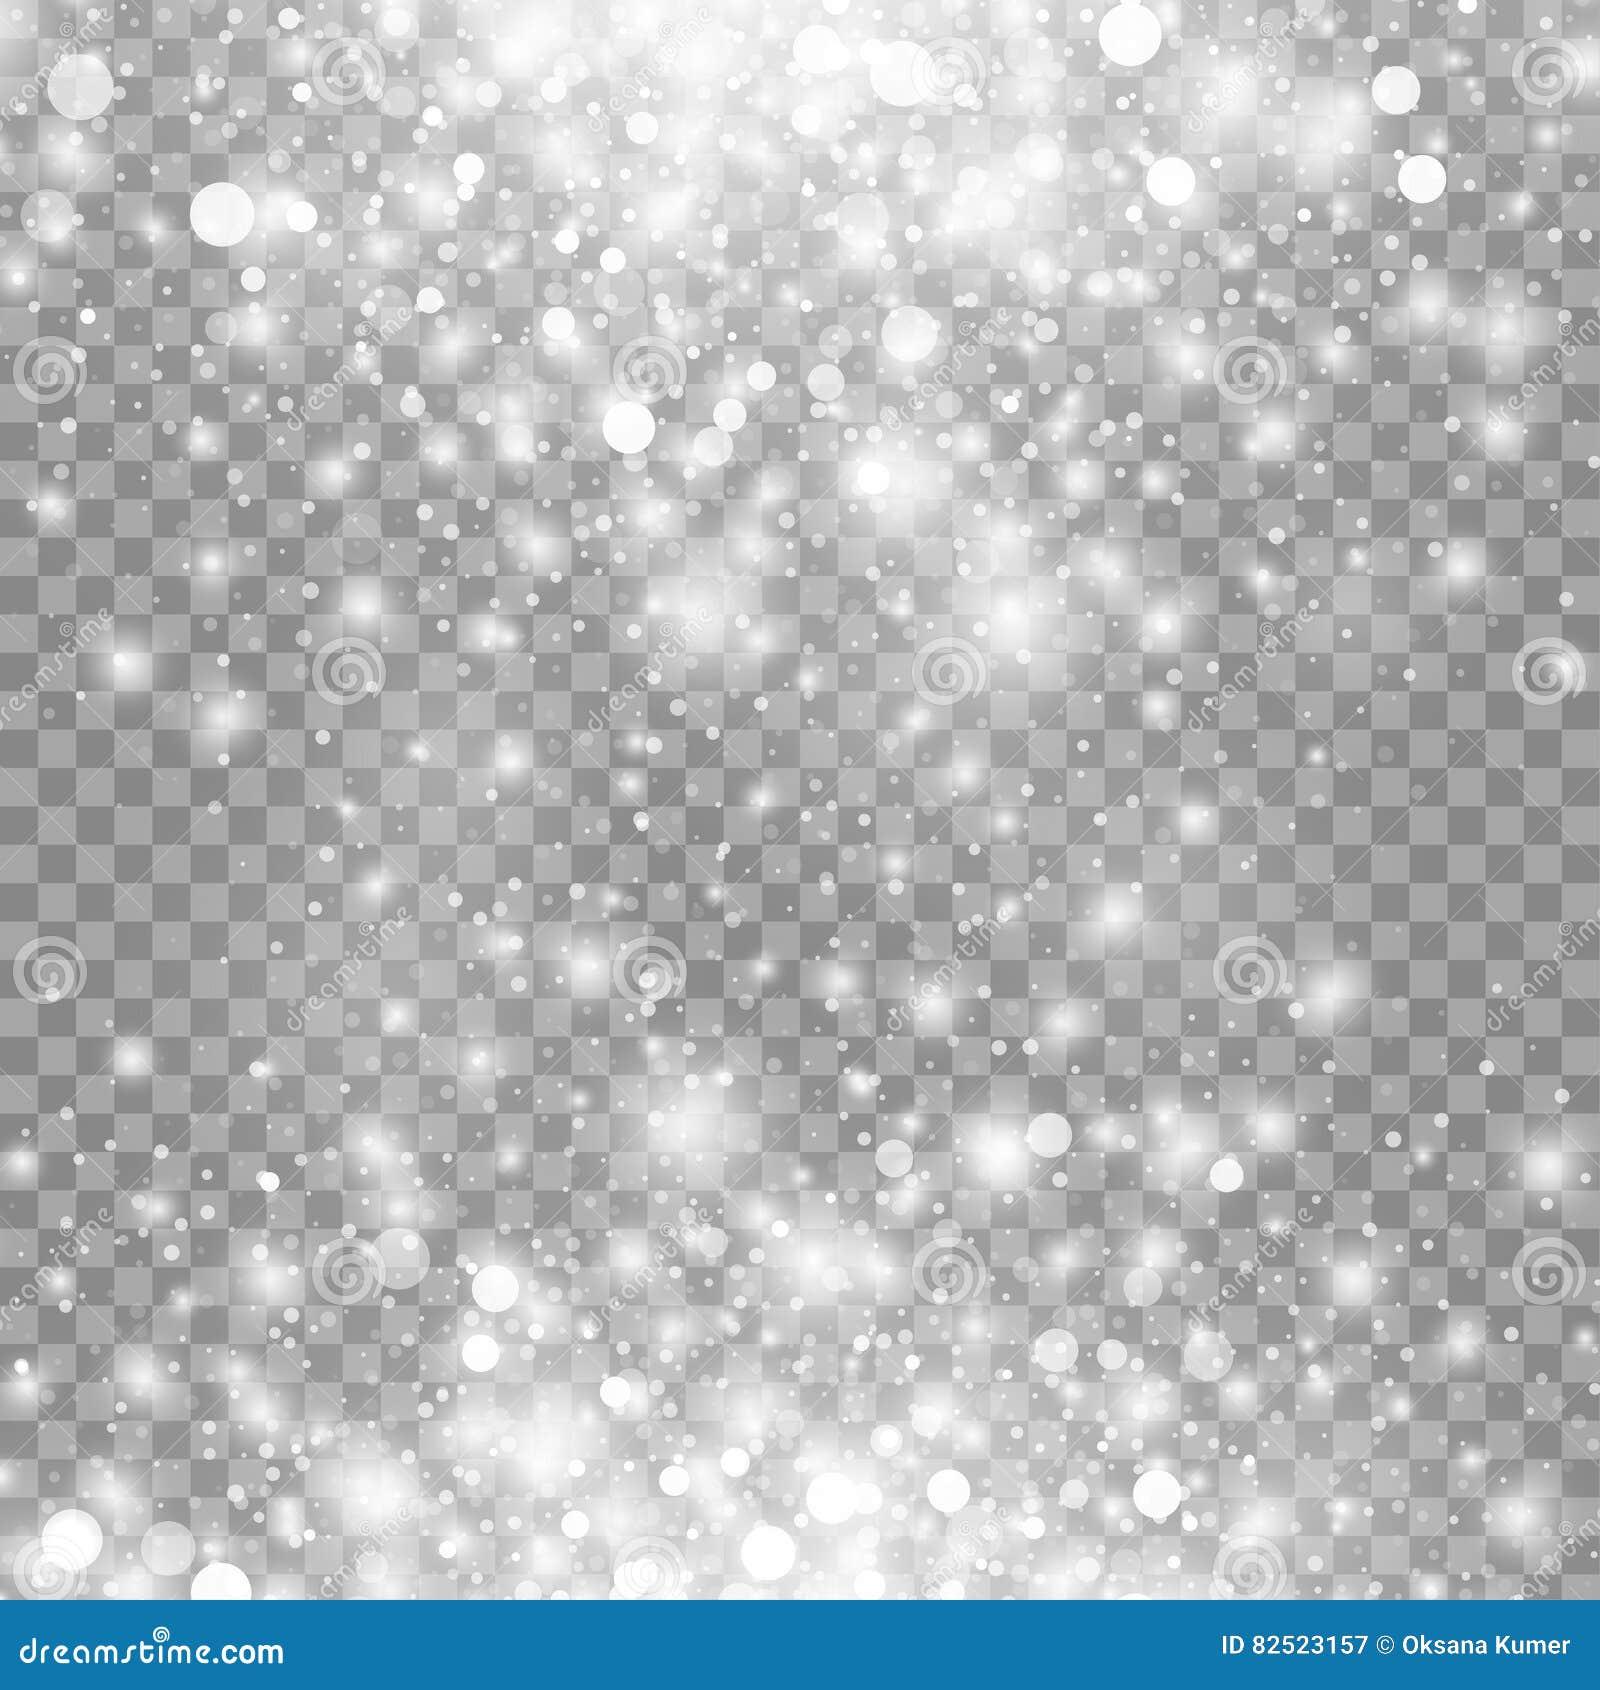 Effekt för vitt glöd för vektor isolerad magisk ljus på genomskinlig bakgrund